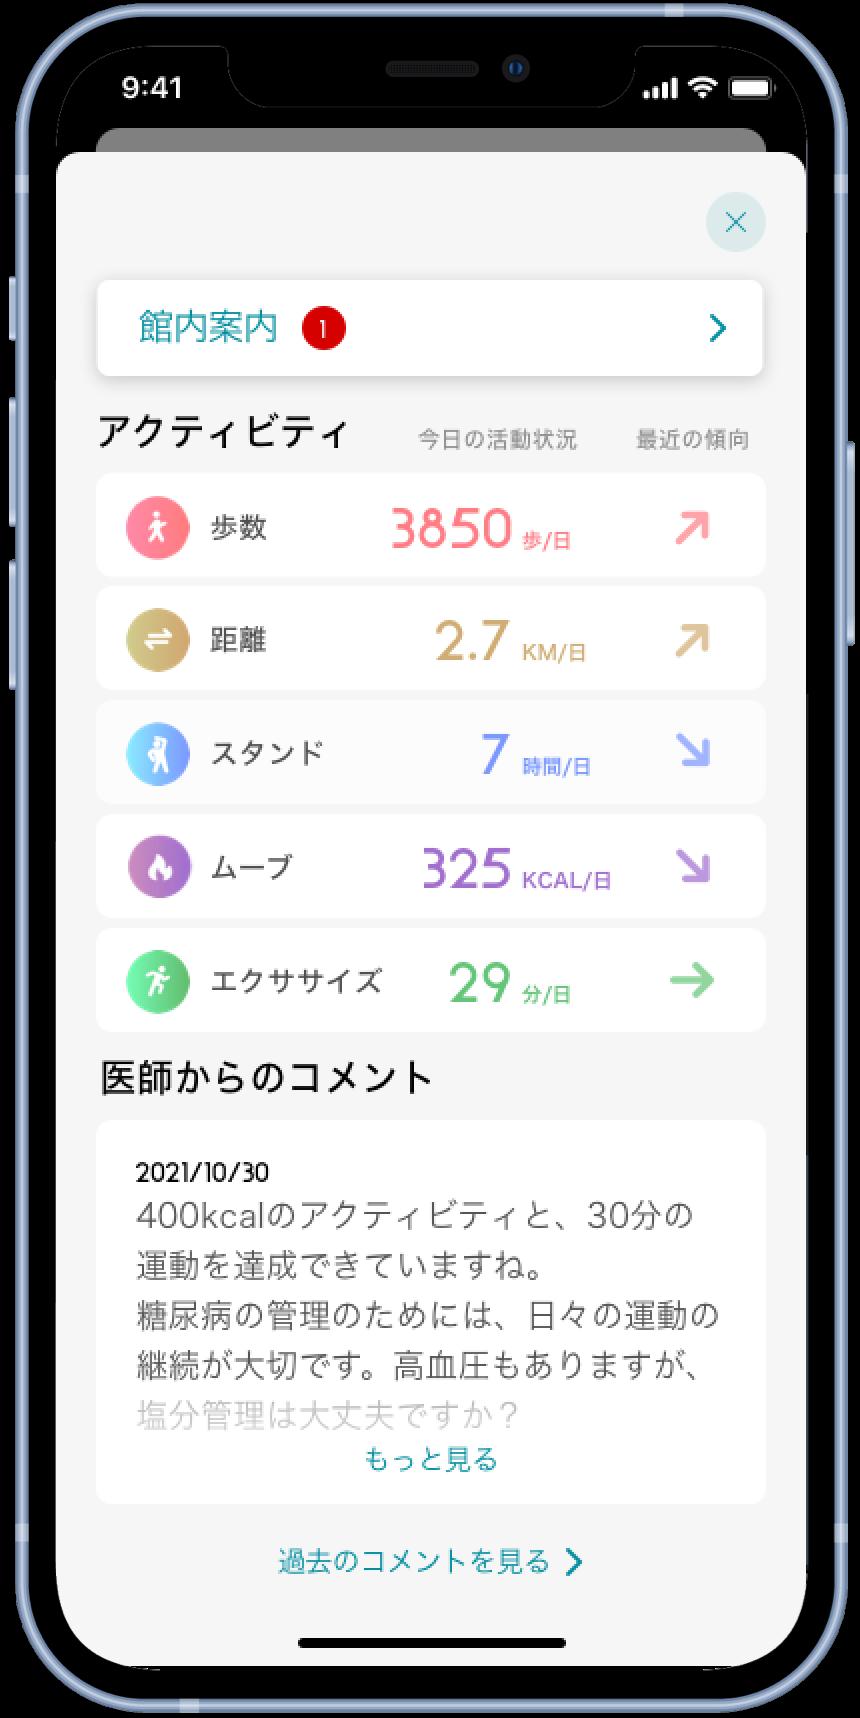 アプリケーションイメージ